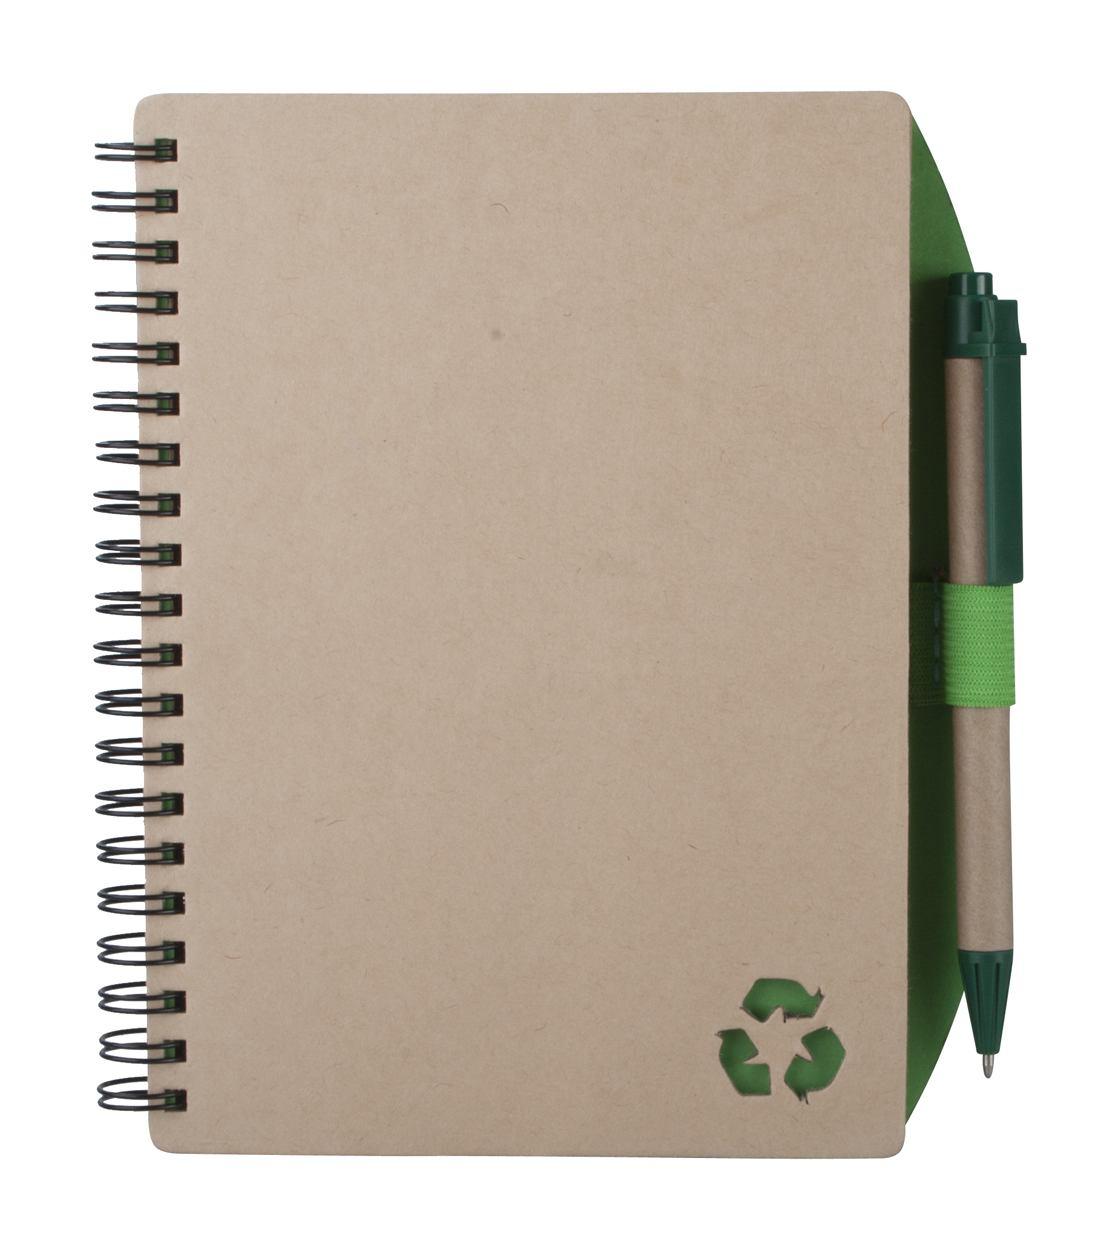 Muistikirjat kierrätysmateriaalista